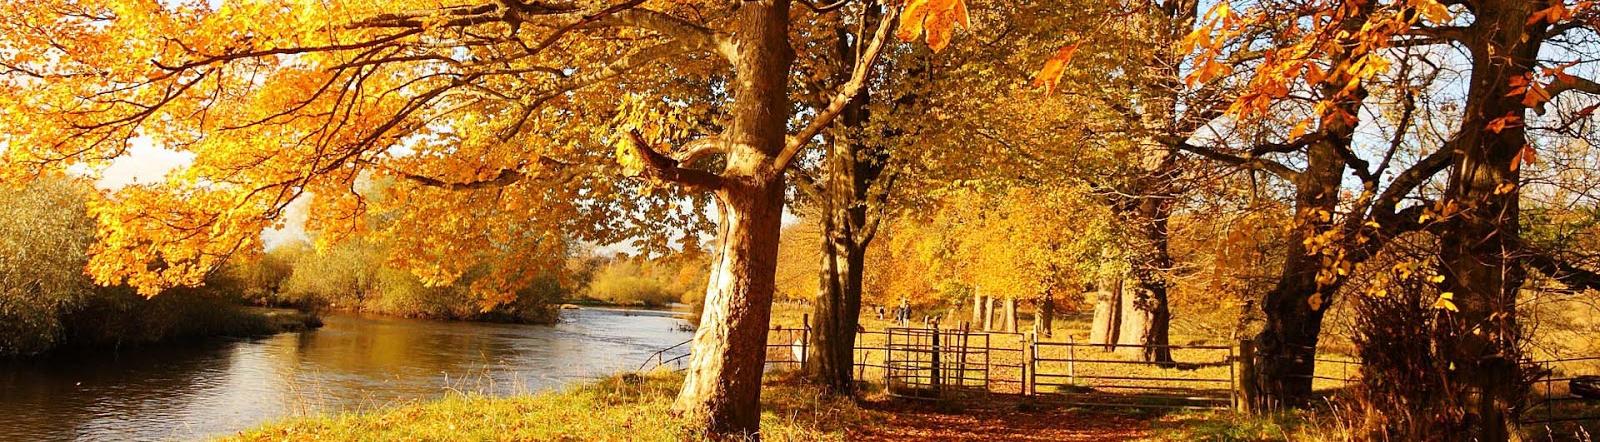 hd-herfst-achtergronden-foto-met-een-riviertje-en-bomen-met-herfstbladeren-hd-herfst-wallpapers-1600x442